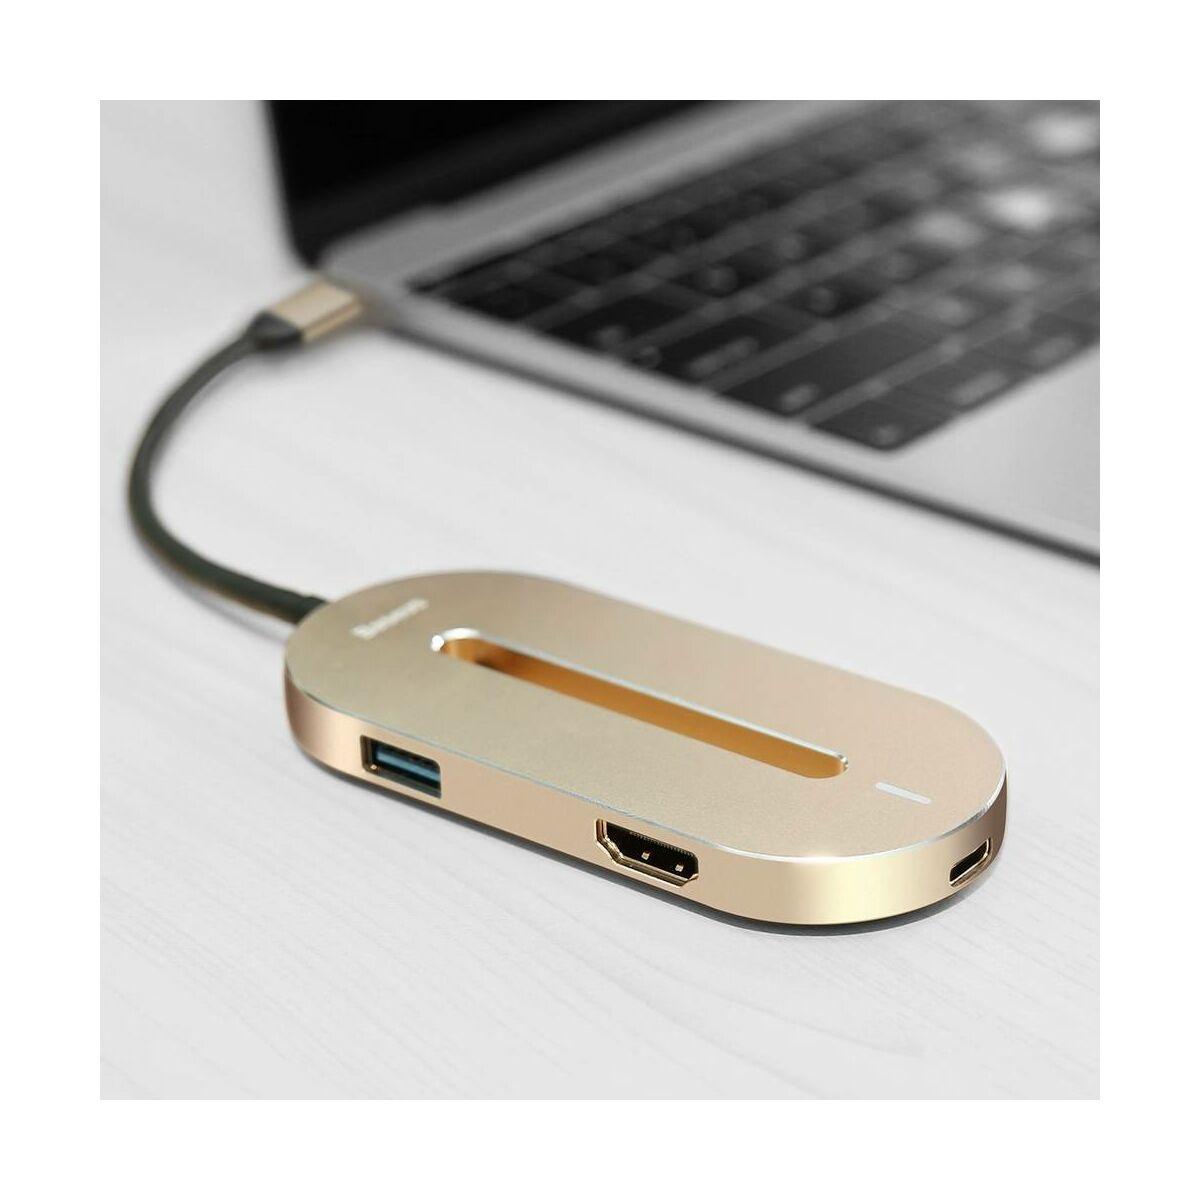 Baseus HUB, O Shape multifunkcionális (Type-C bemenetről - 4K HDMI/1xUSB3.0/2xUSB2.0/Type-C) adapter, arany (CABOOK-0V)